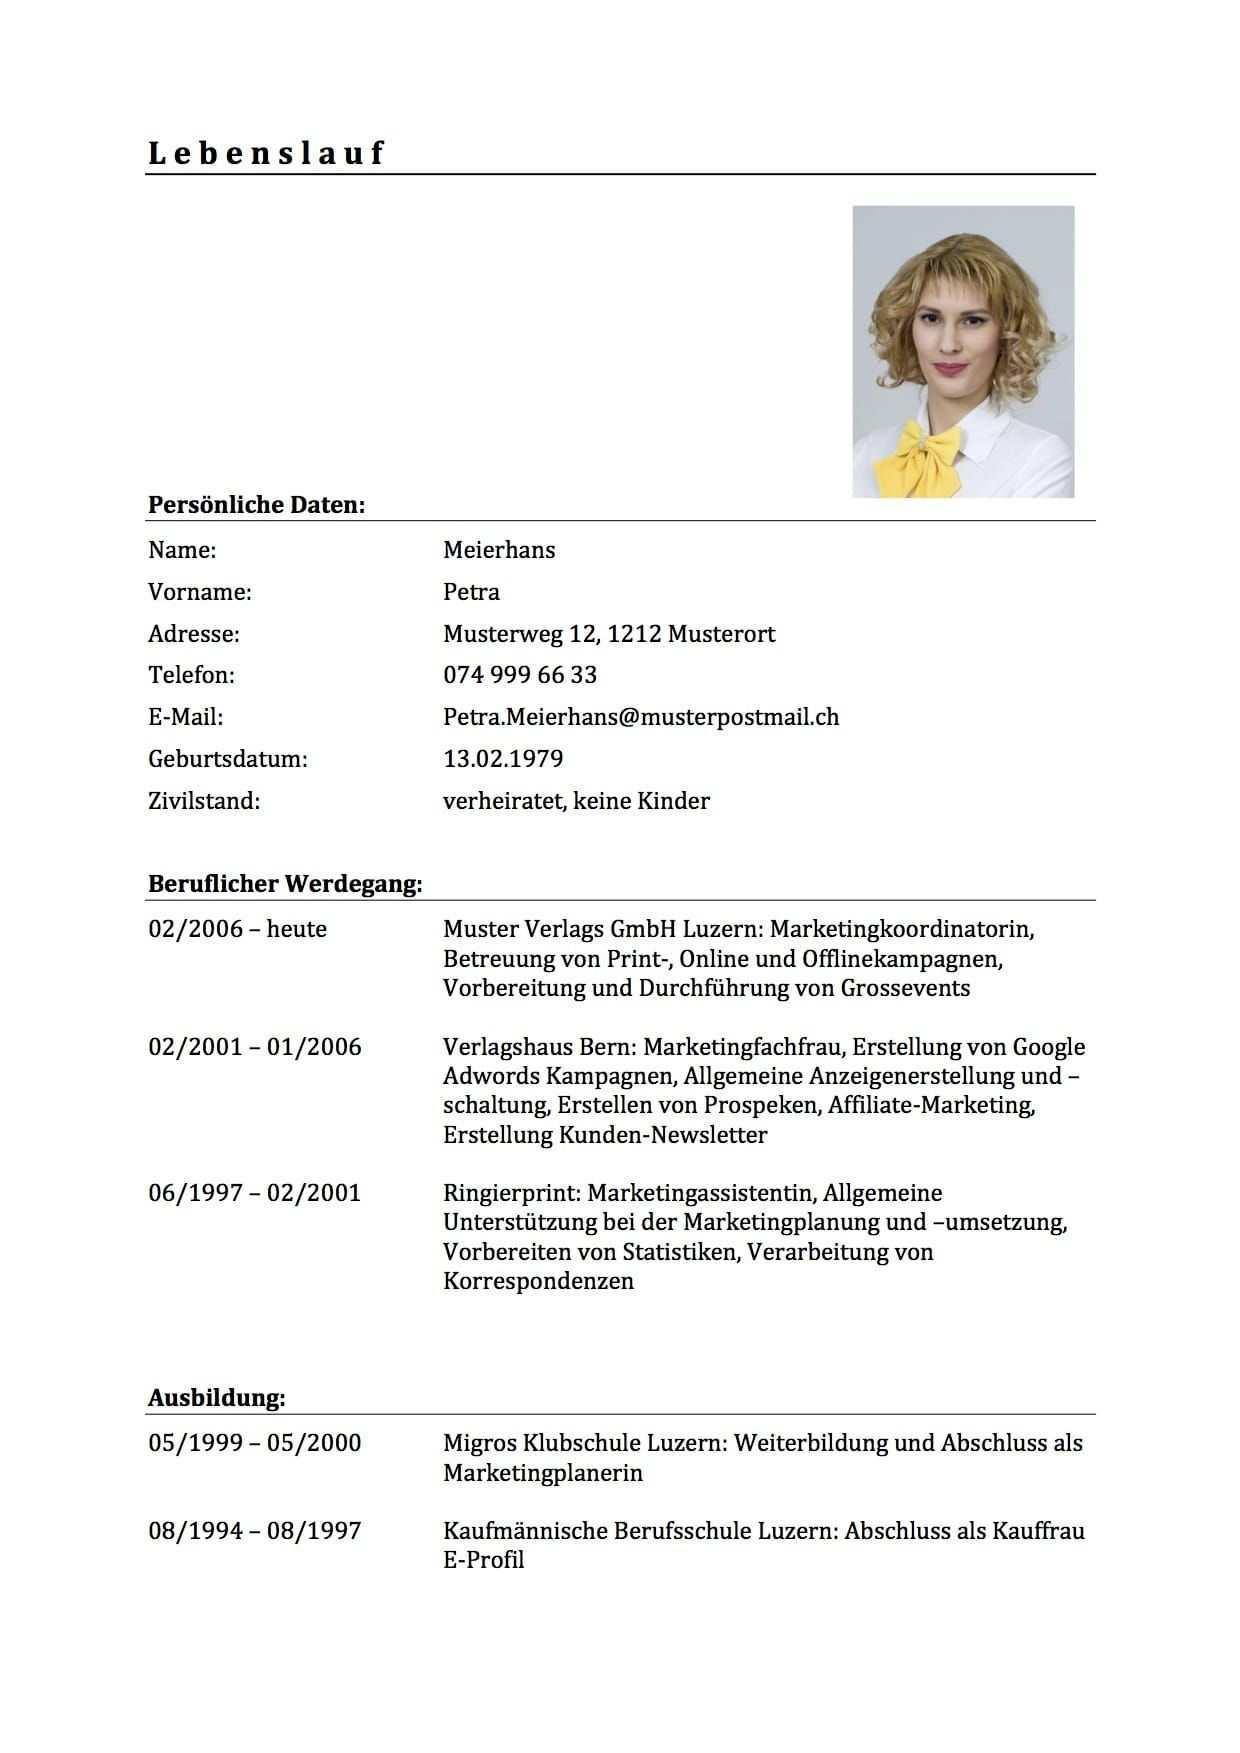 Download Lebenslauf Vorlage Muster Fur Deine Bewerbung Muster Vorlage Vorlage Lebenslaufmuster In 2020 Inspiration Design Curriculum Vitae